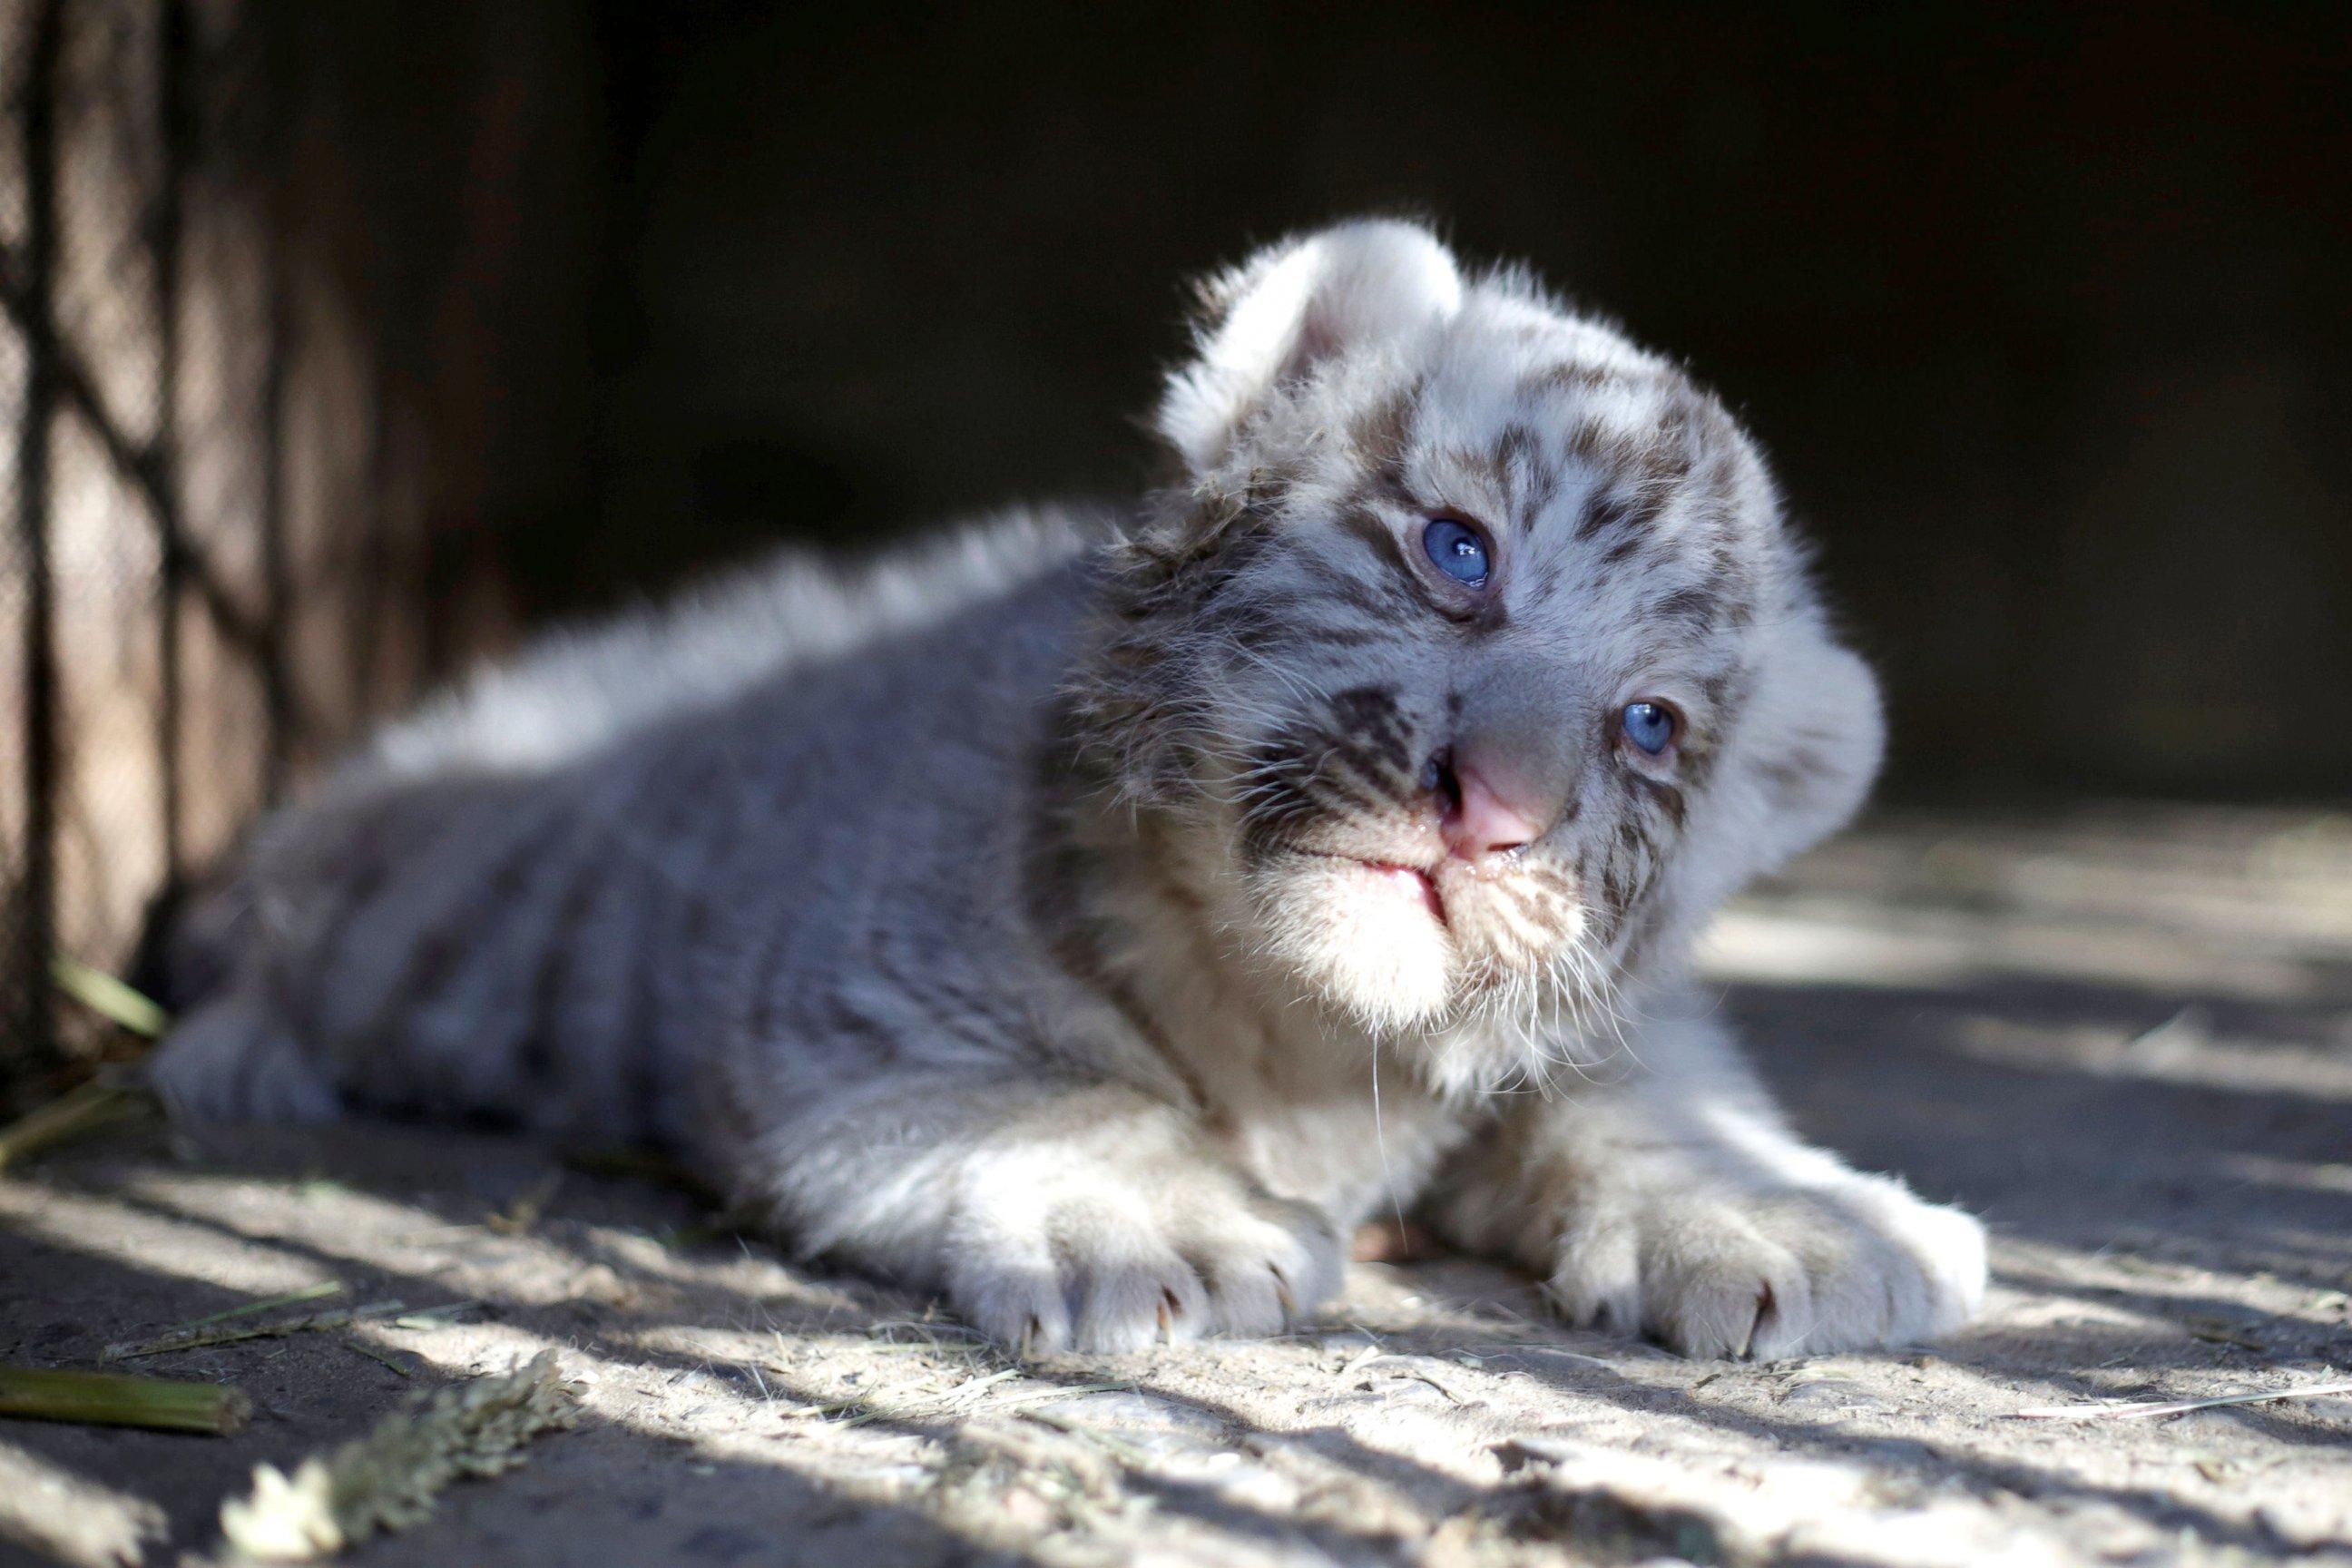 A Siberian tiger cub with mesmerizing blue eyes